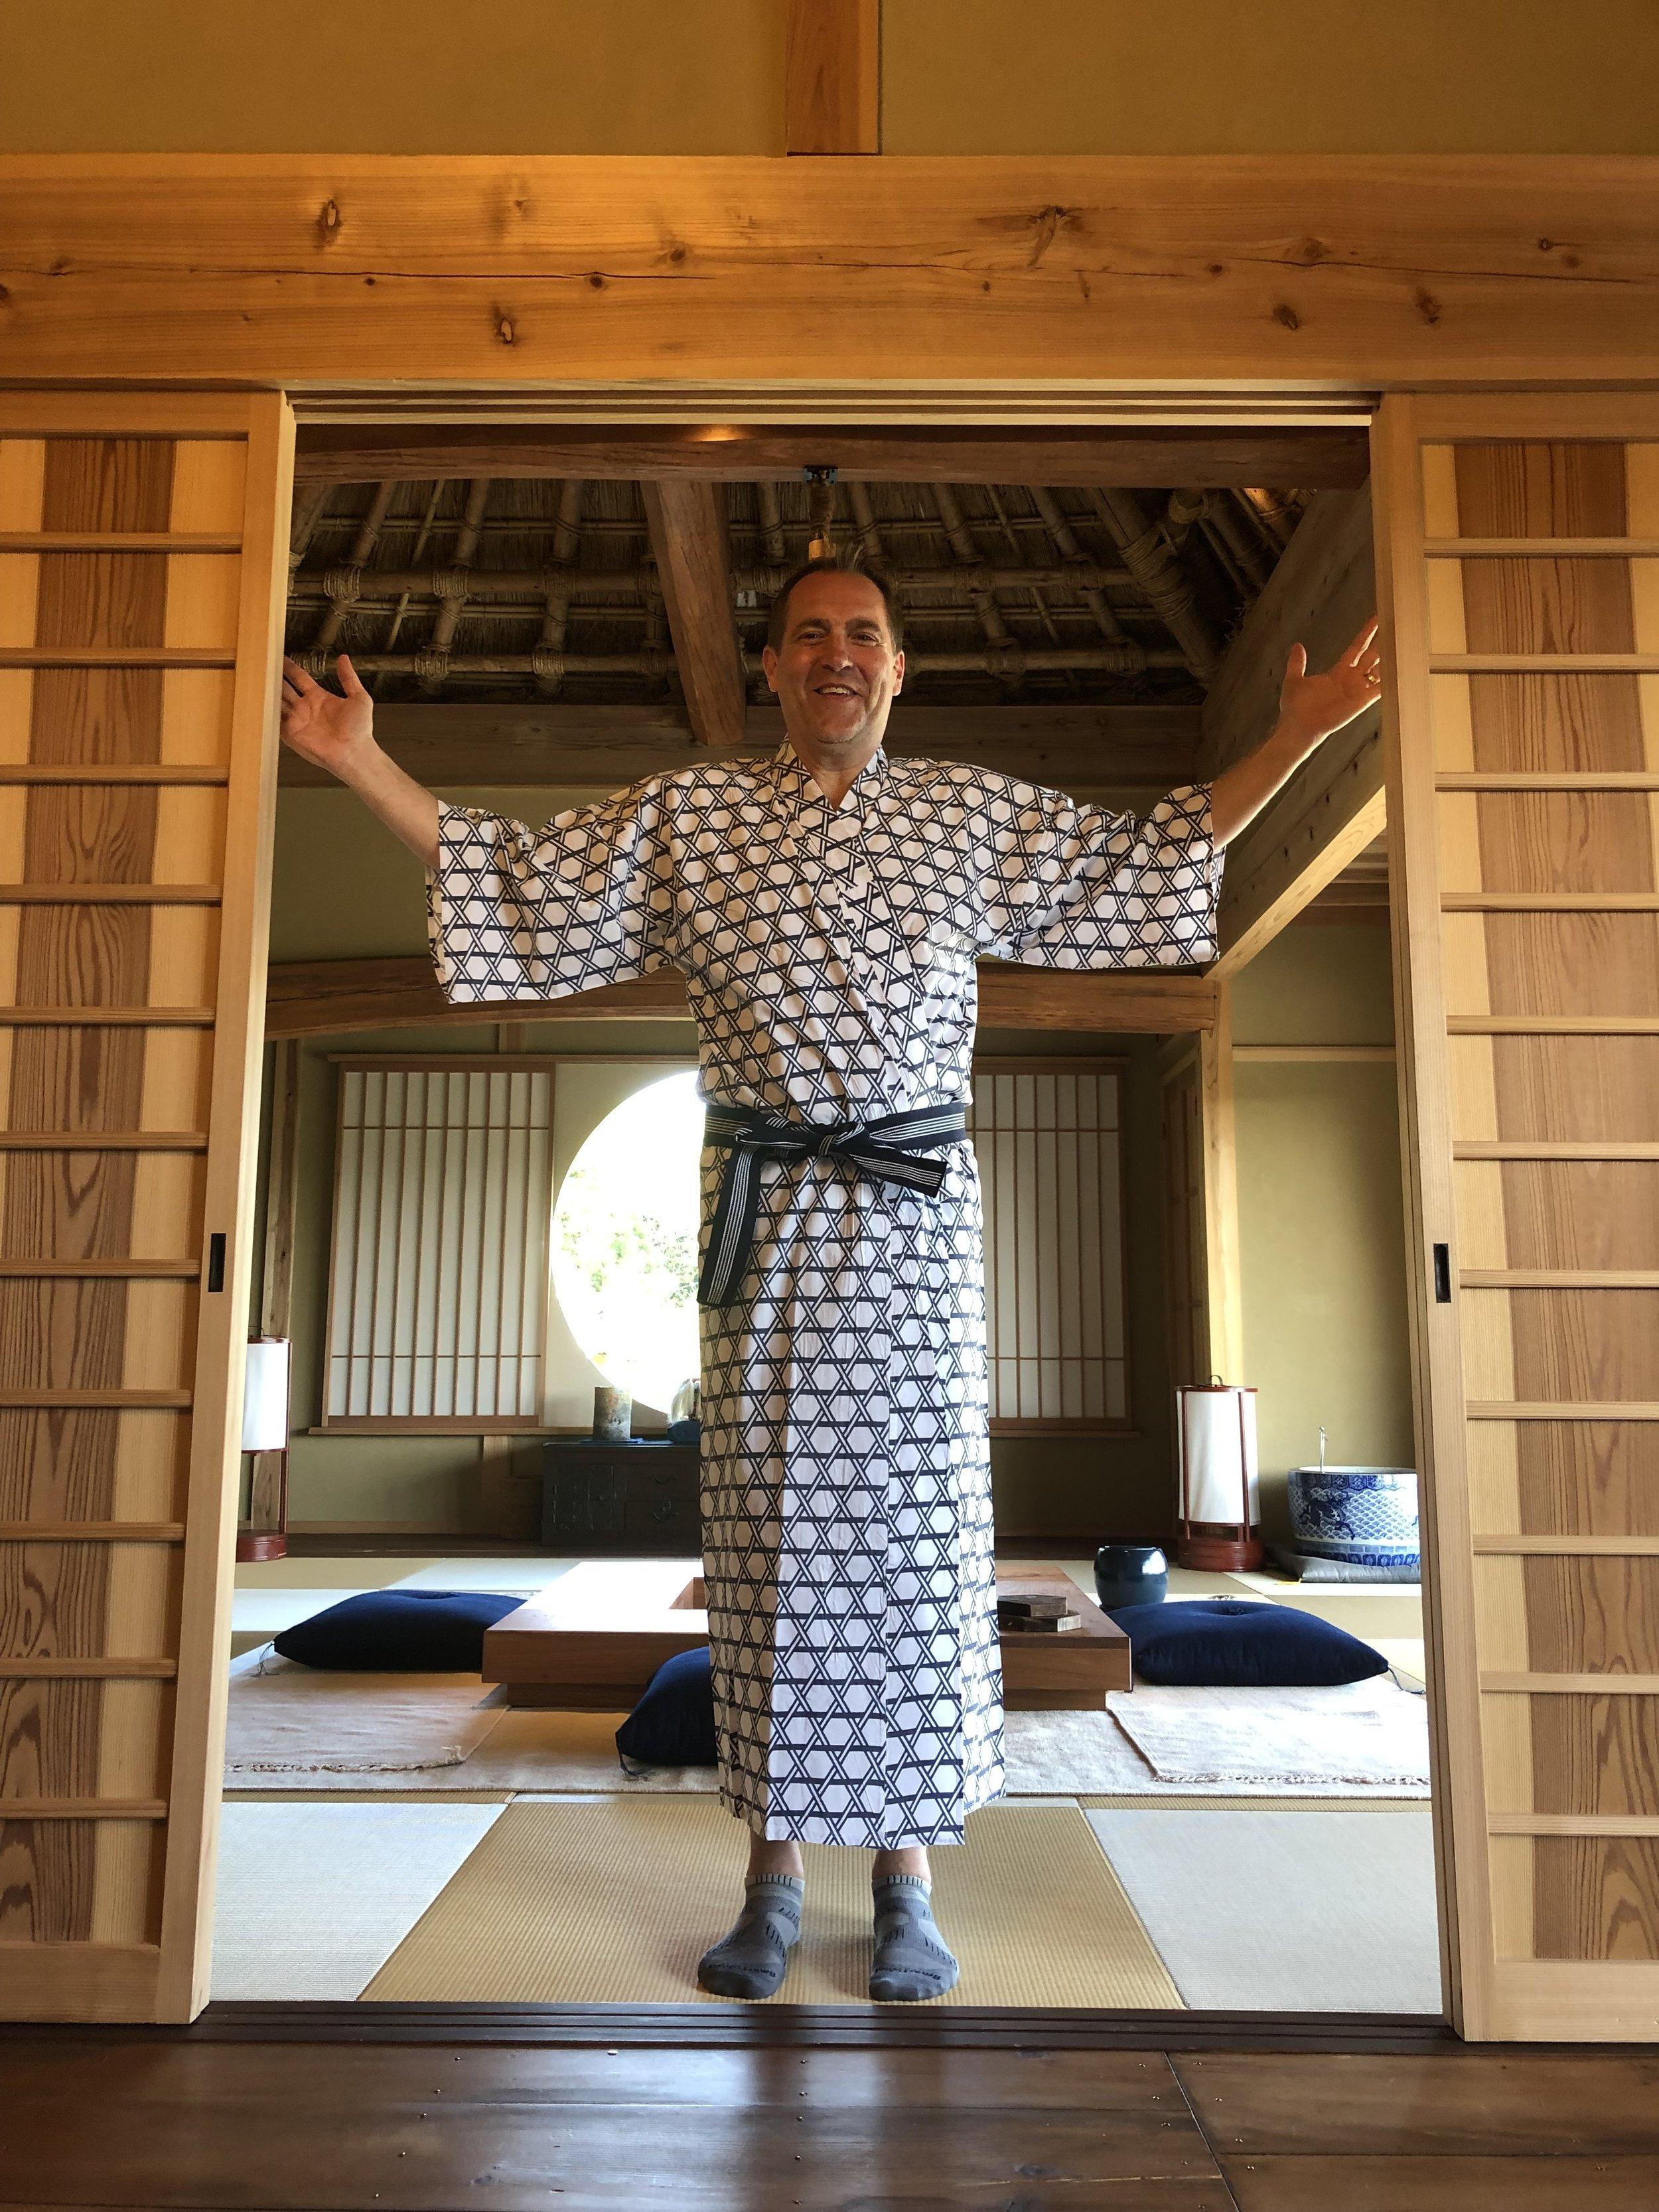 Samurai Stowe (Sasayuri-an)